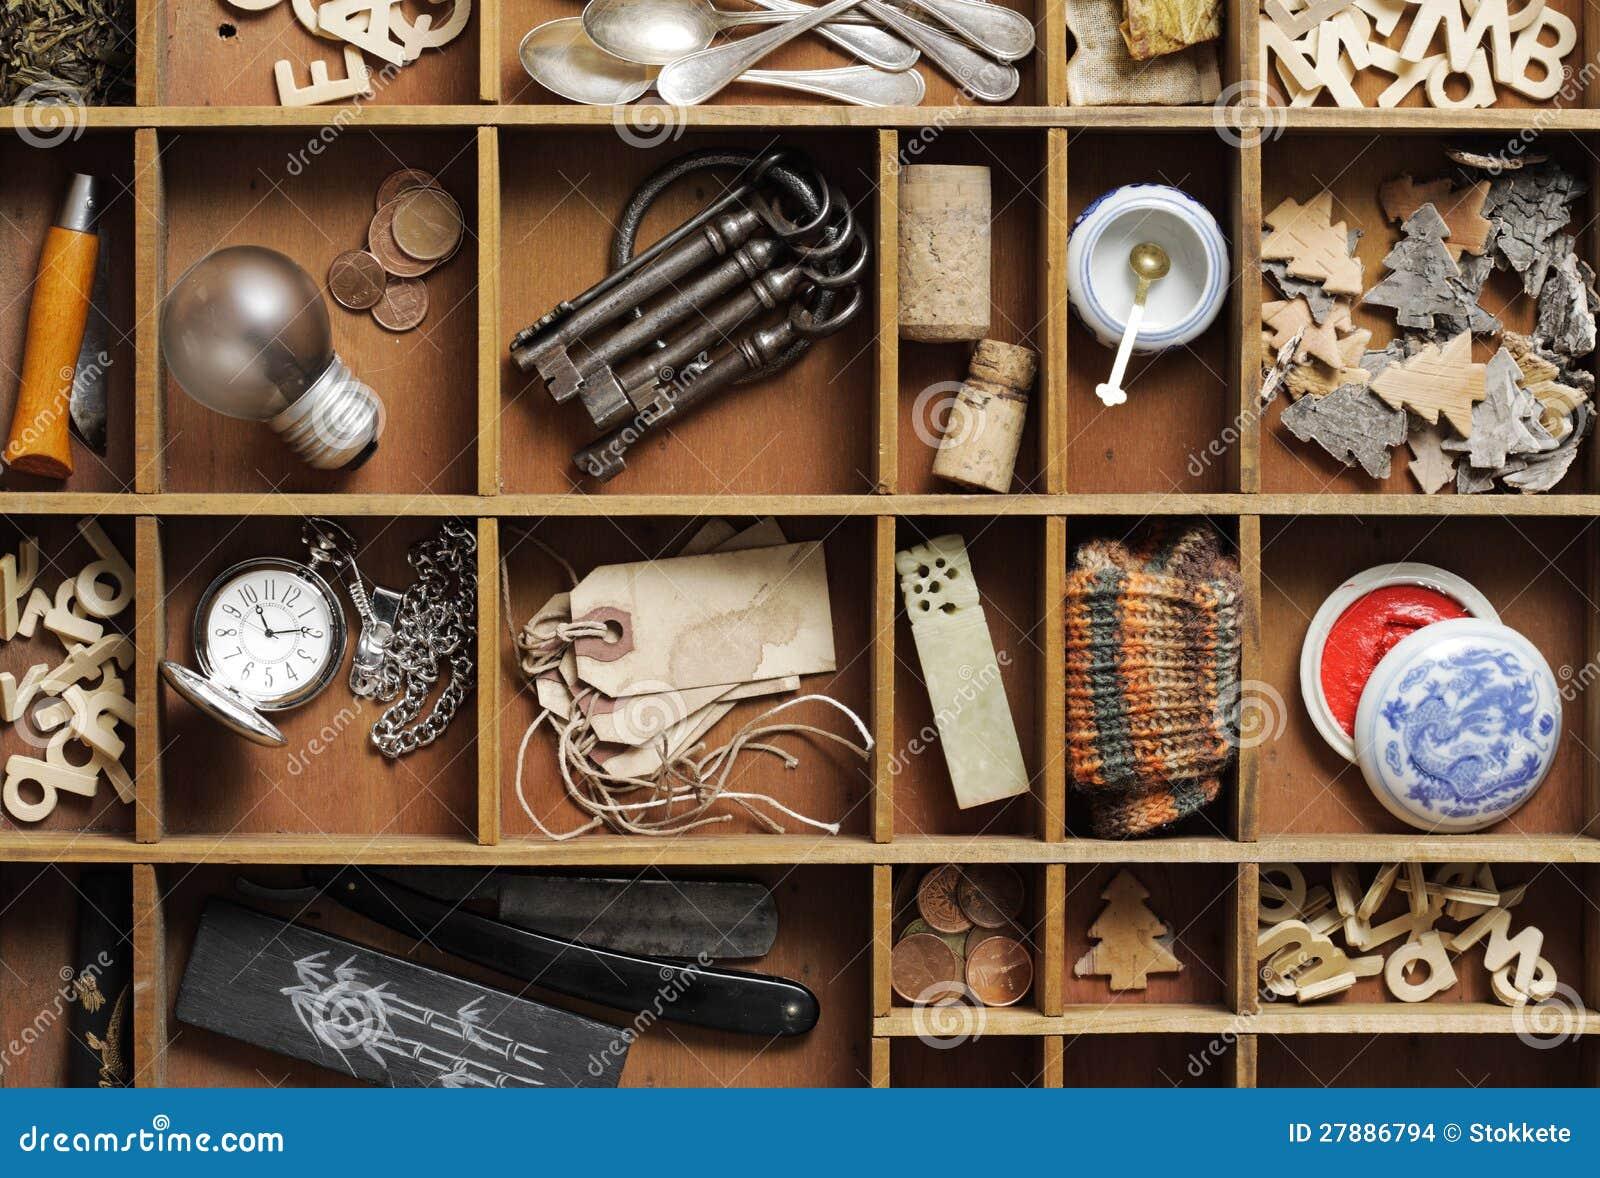 vintage object stock images image 27886794. Black Bedroom Furniture Sets. Home Design Ideas